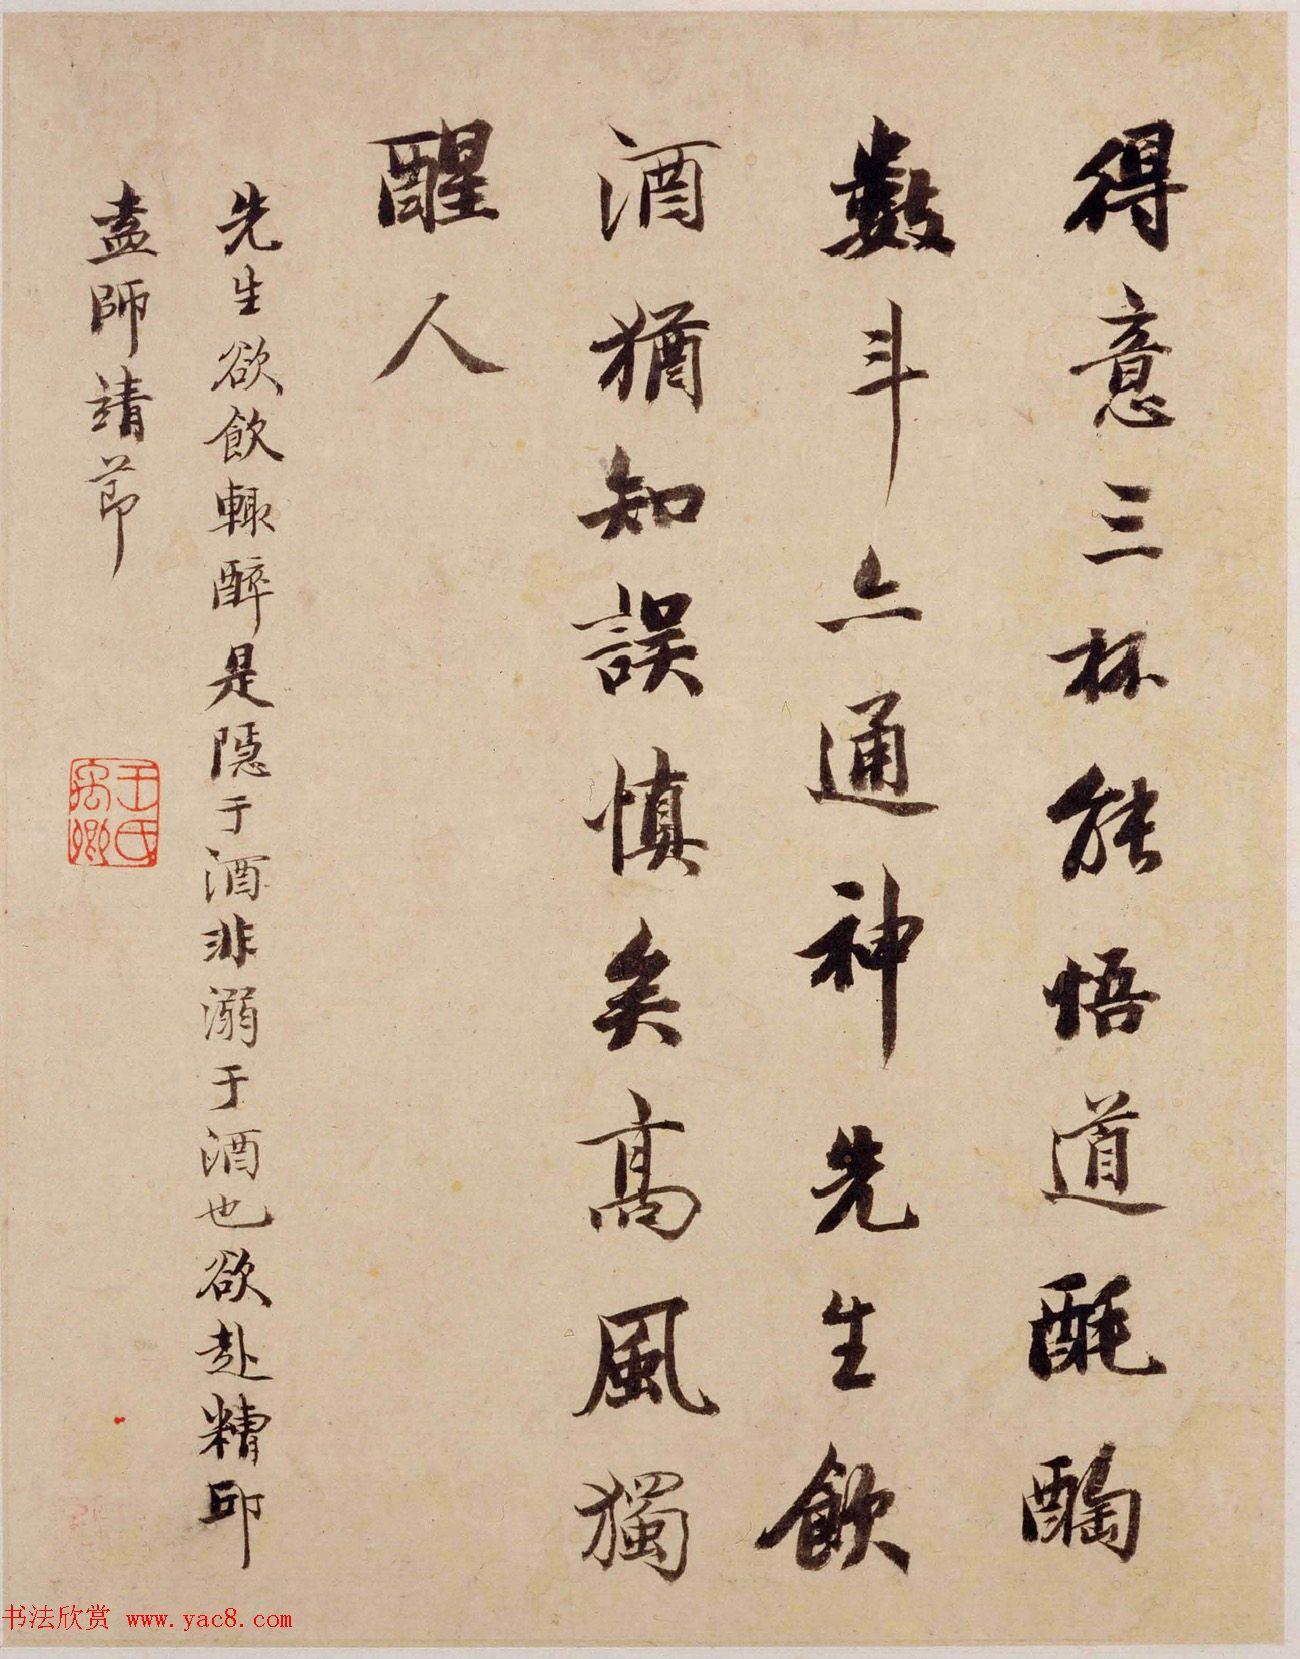 王文治题字石涛绘《陶渊明诗意图册》